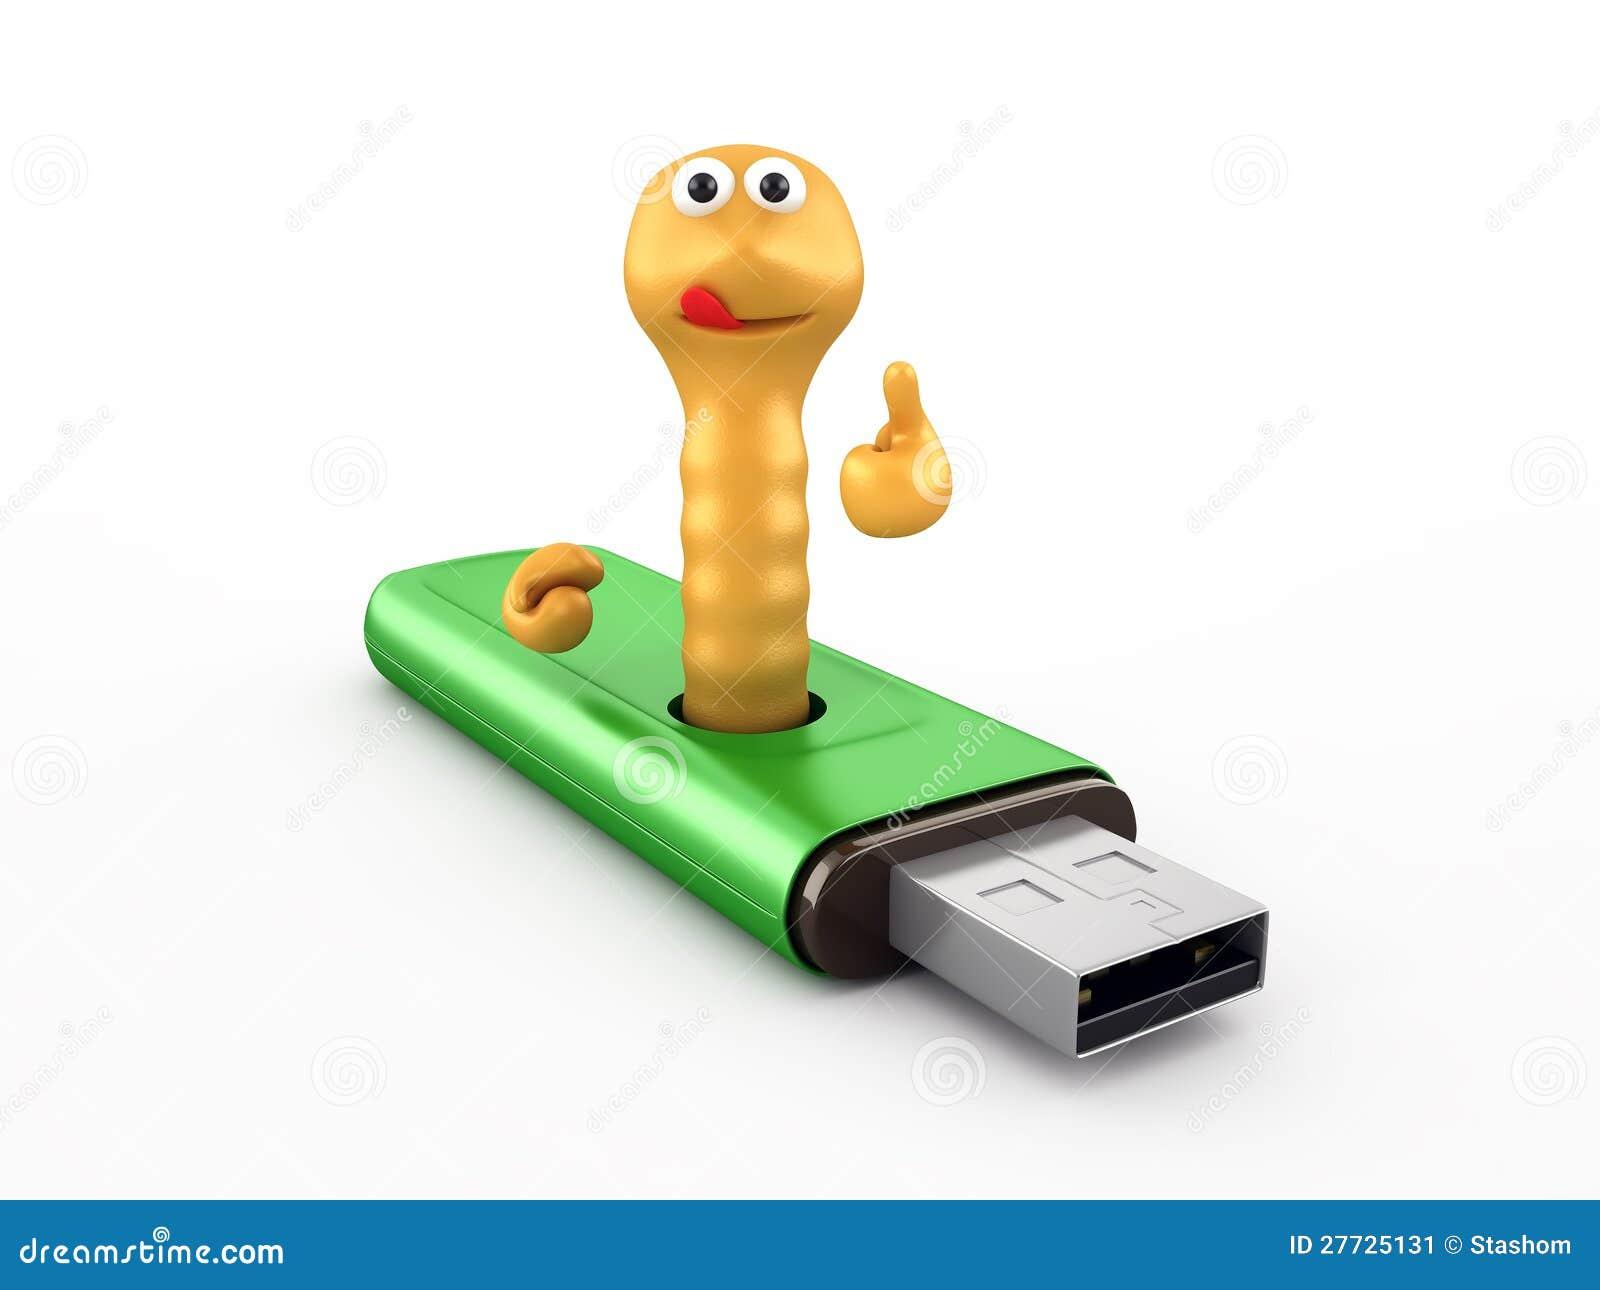 Endlosschraube im USB-Blinkenlaufwerk